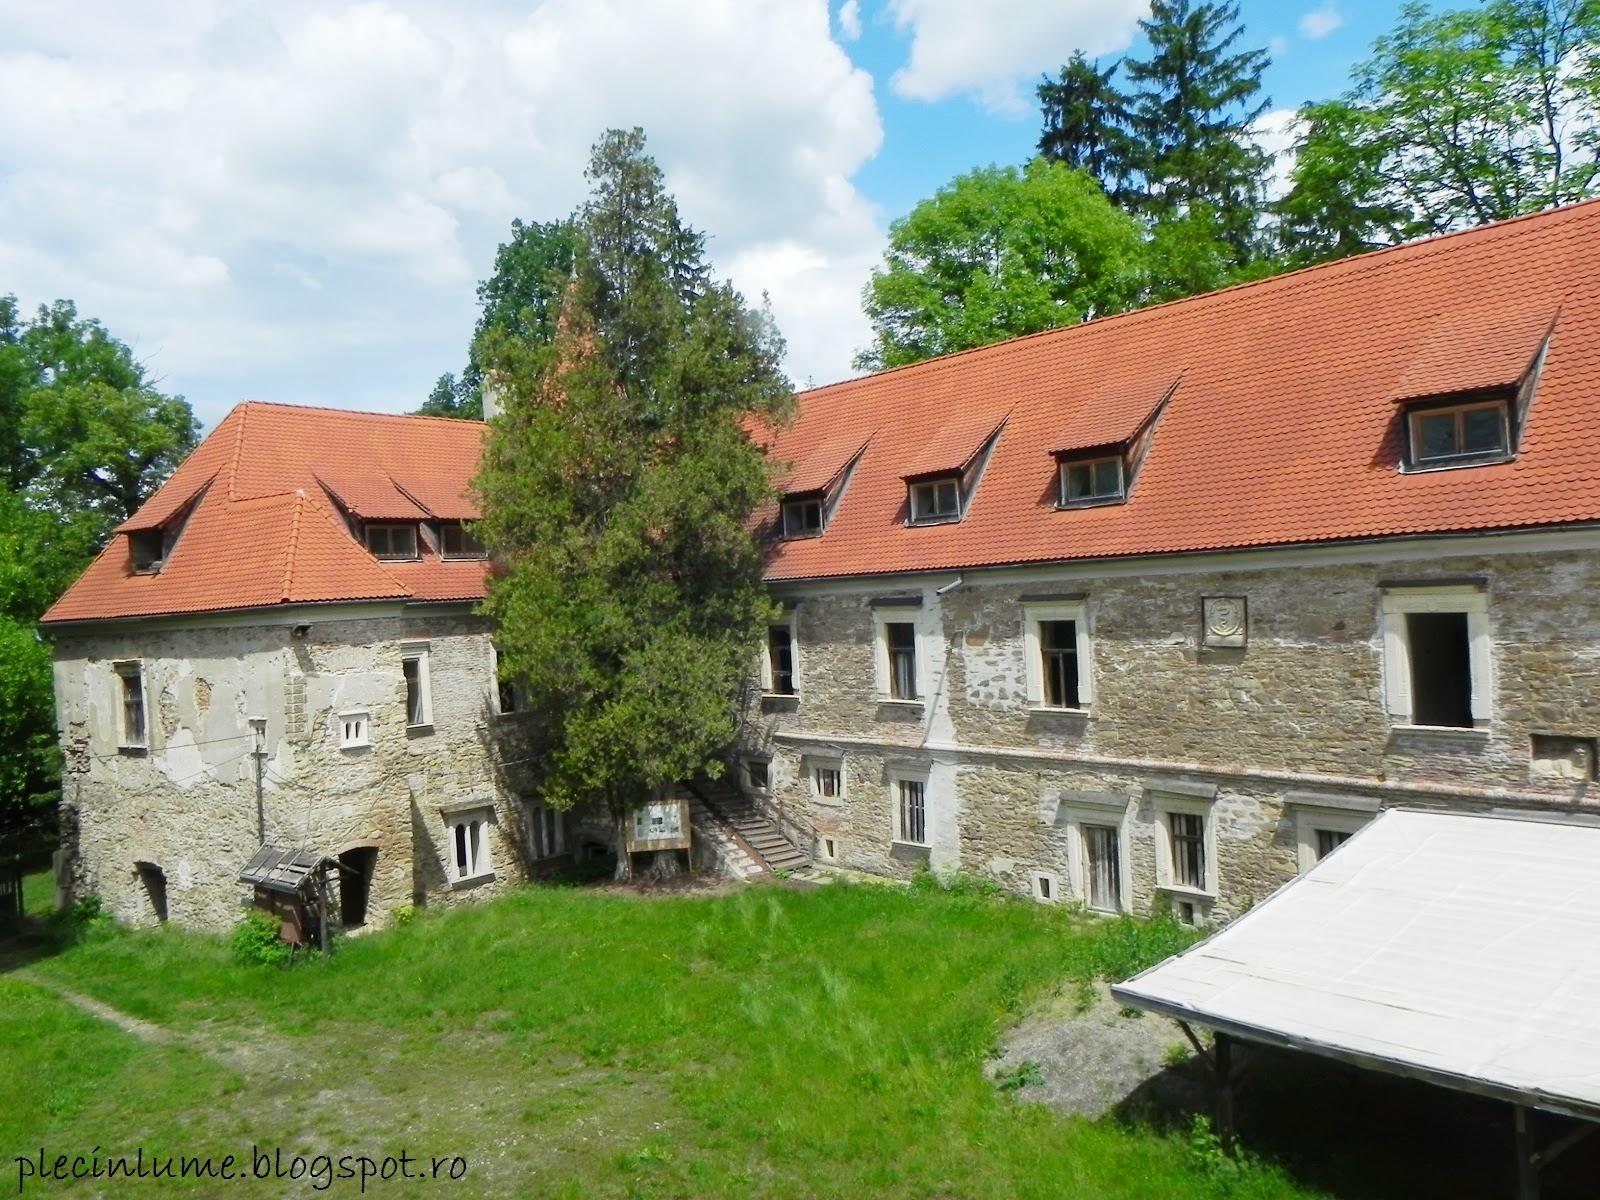 O aripa a castelului Bethlen